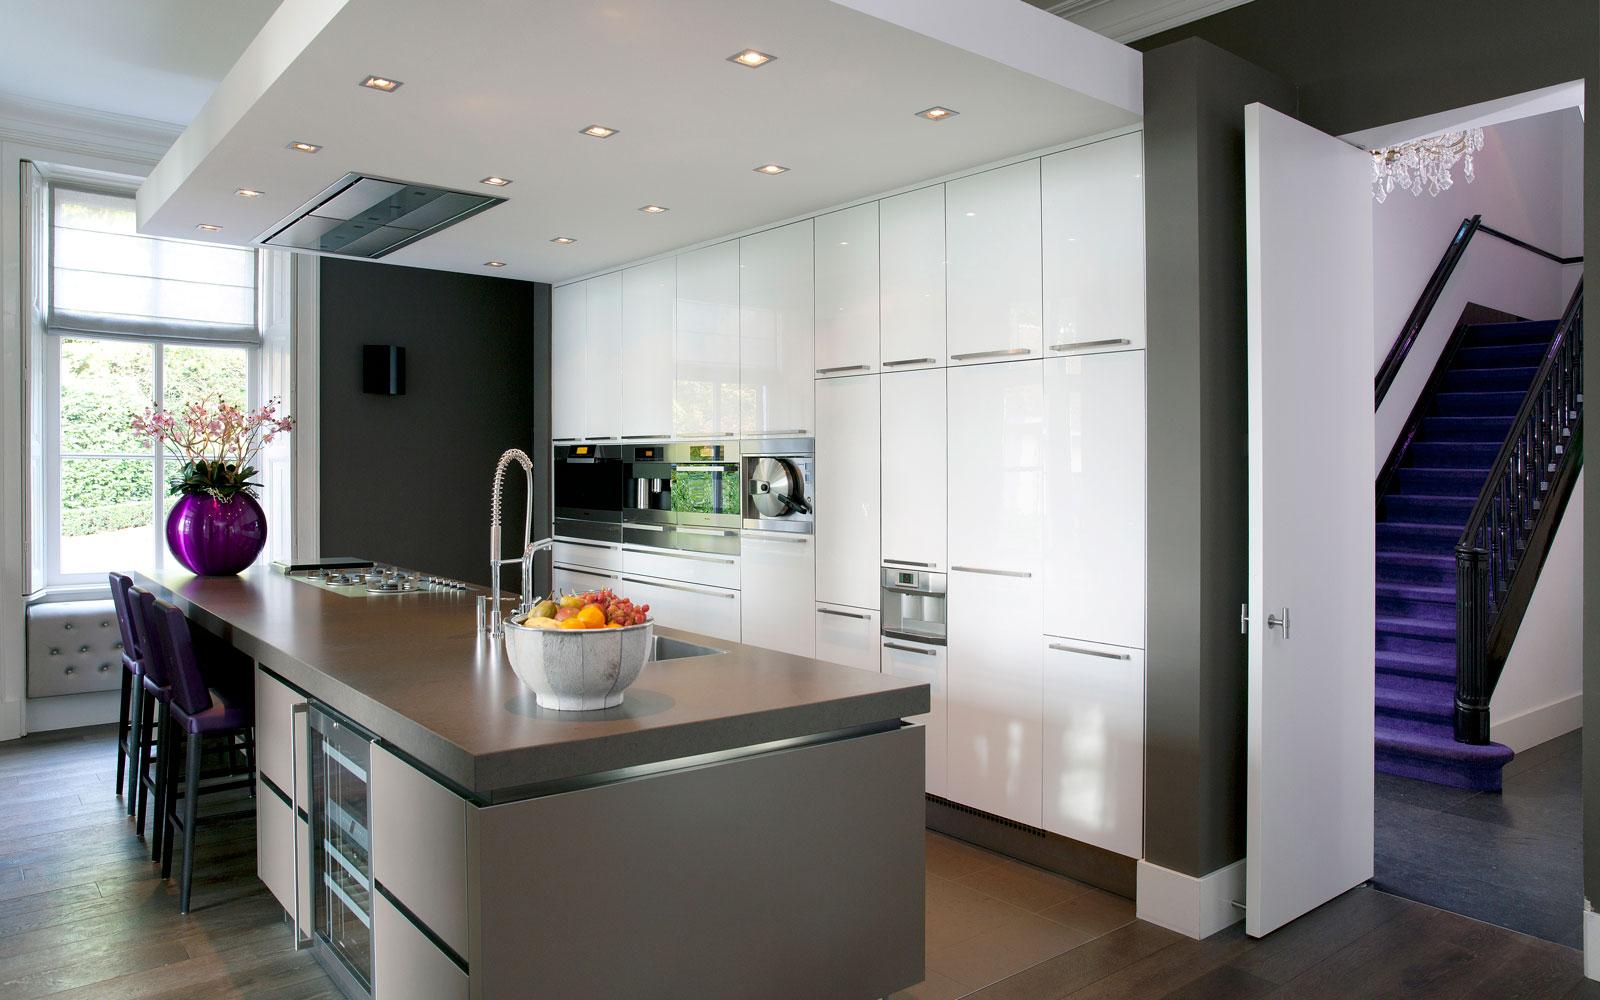 Keuken, maatwerk, inbouwkasten, kookeiland, kastenwand, Willemsen Interieurbouw, klassiek herenhuis, Kees Marcelis